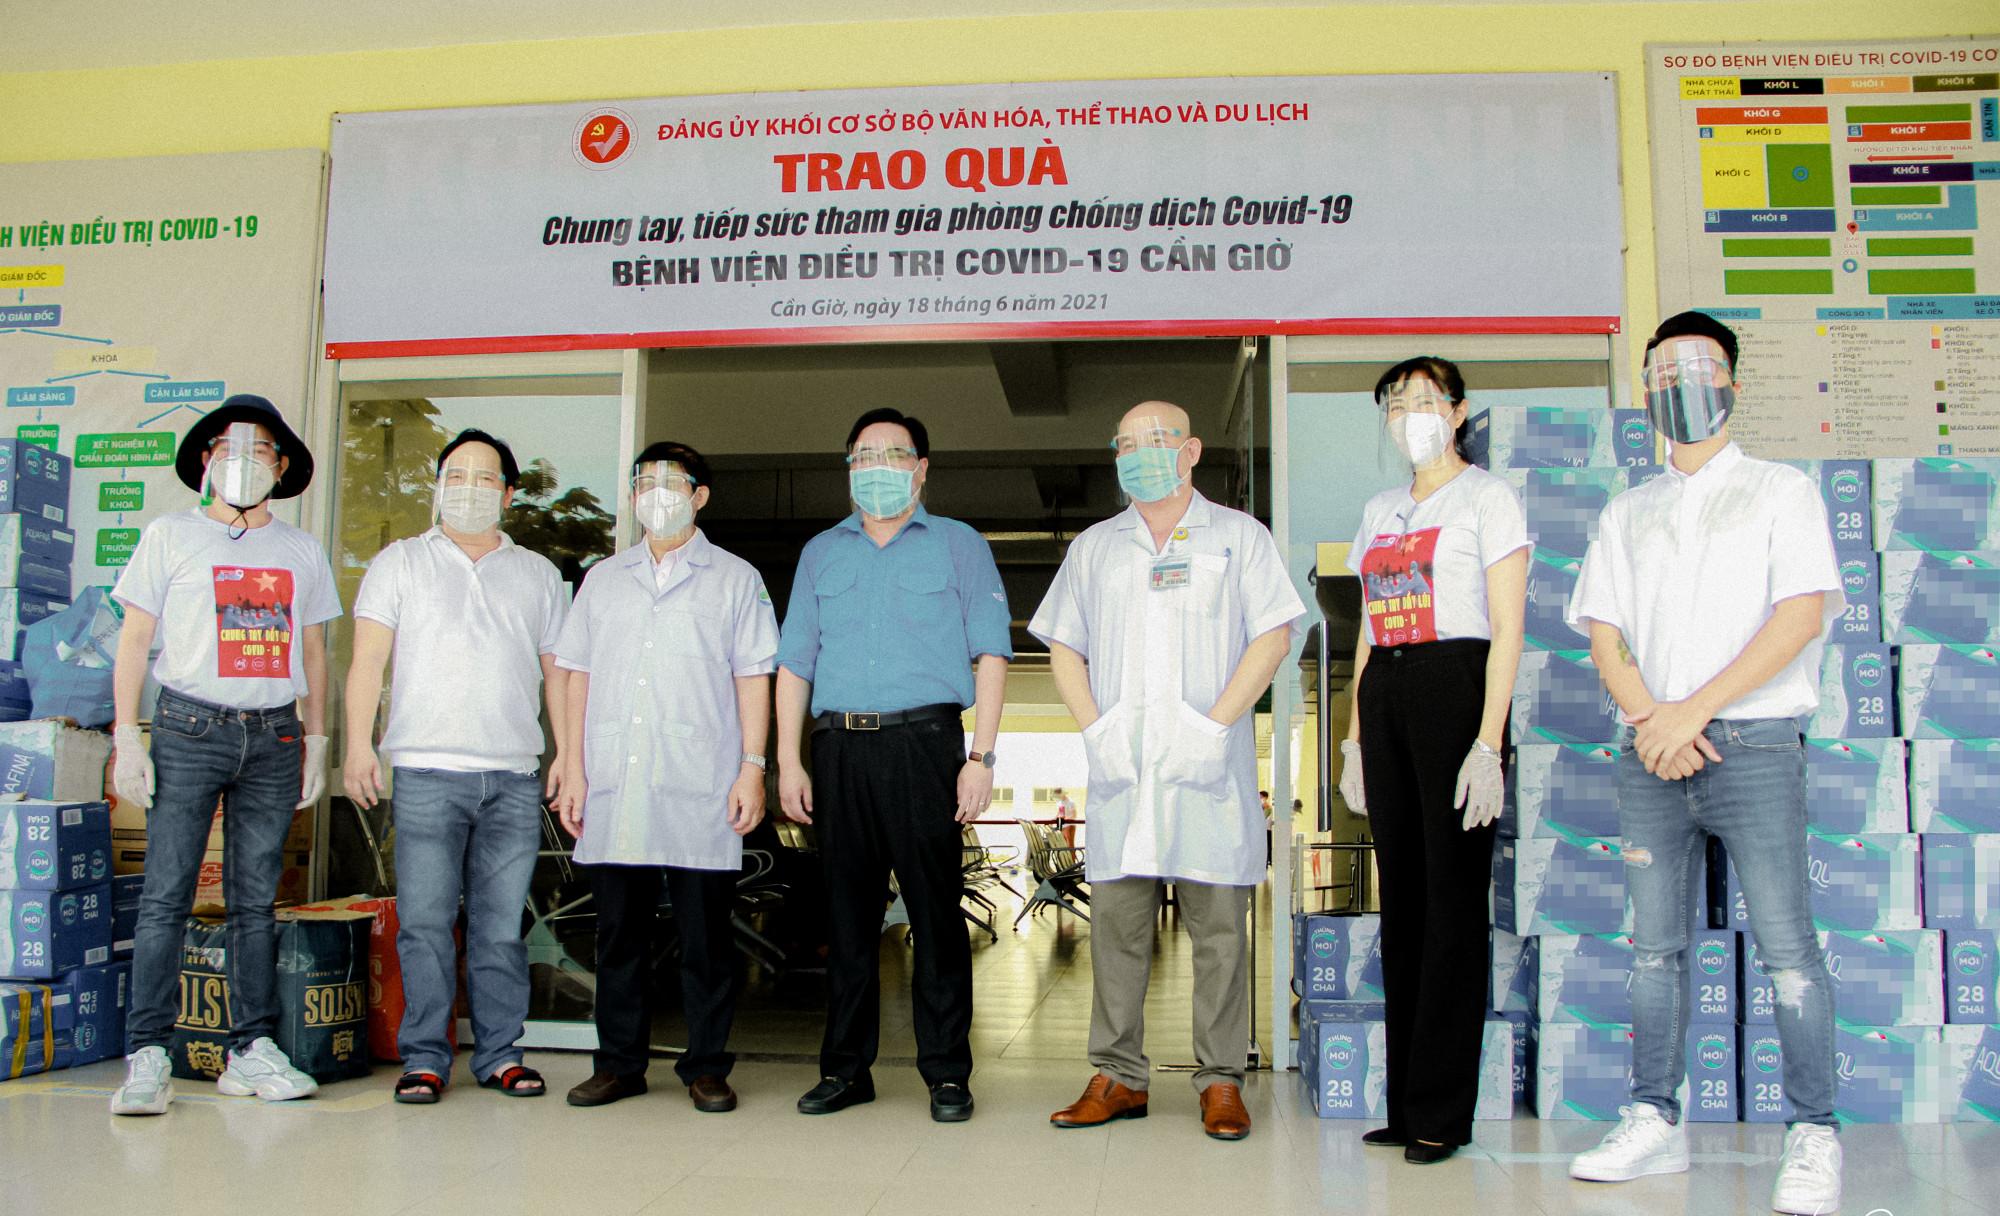 Đoàn trao các vật phẩm cho bệnh viện điều trị COVID-19 Cần Giờ